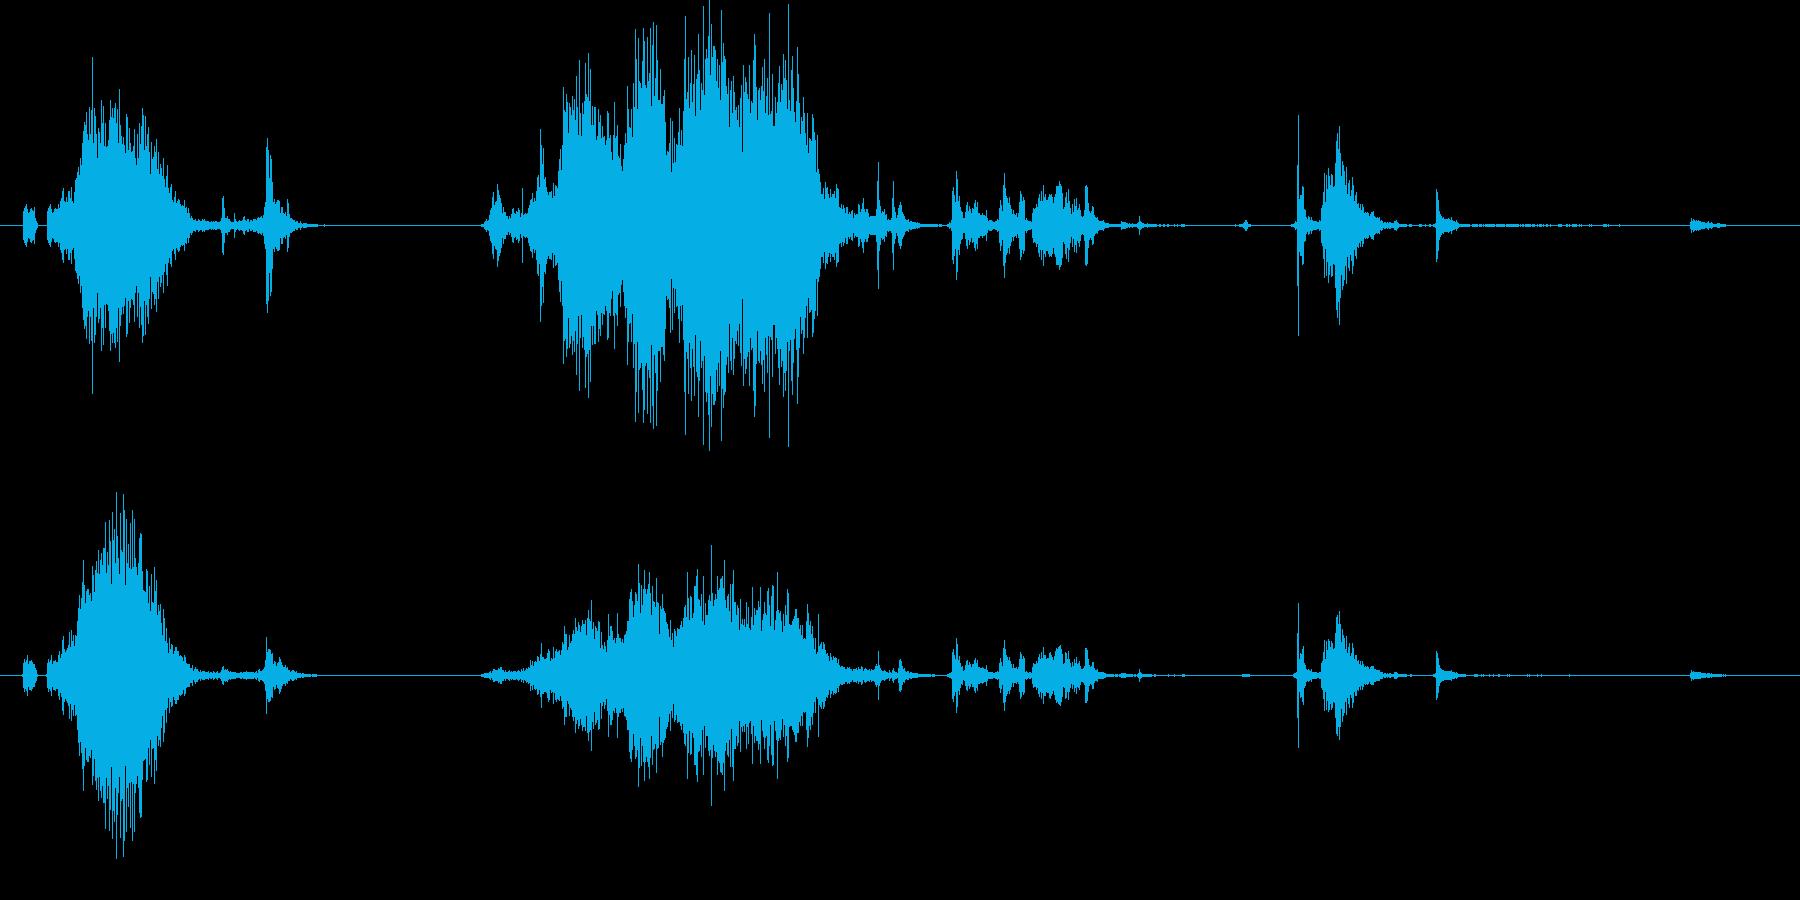 【銃】カチャッ!リロード音01【FPS】の再生済みの波形